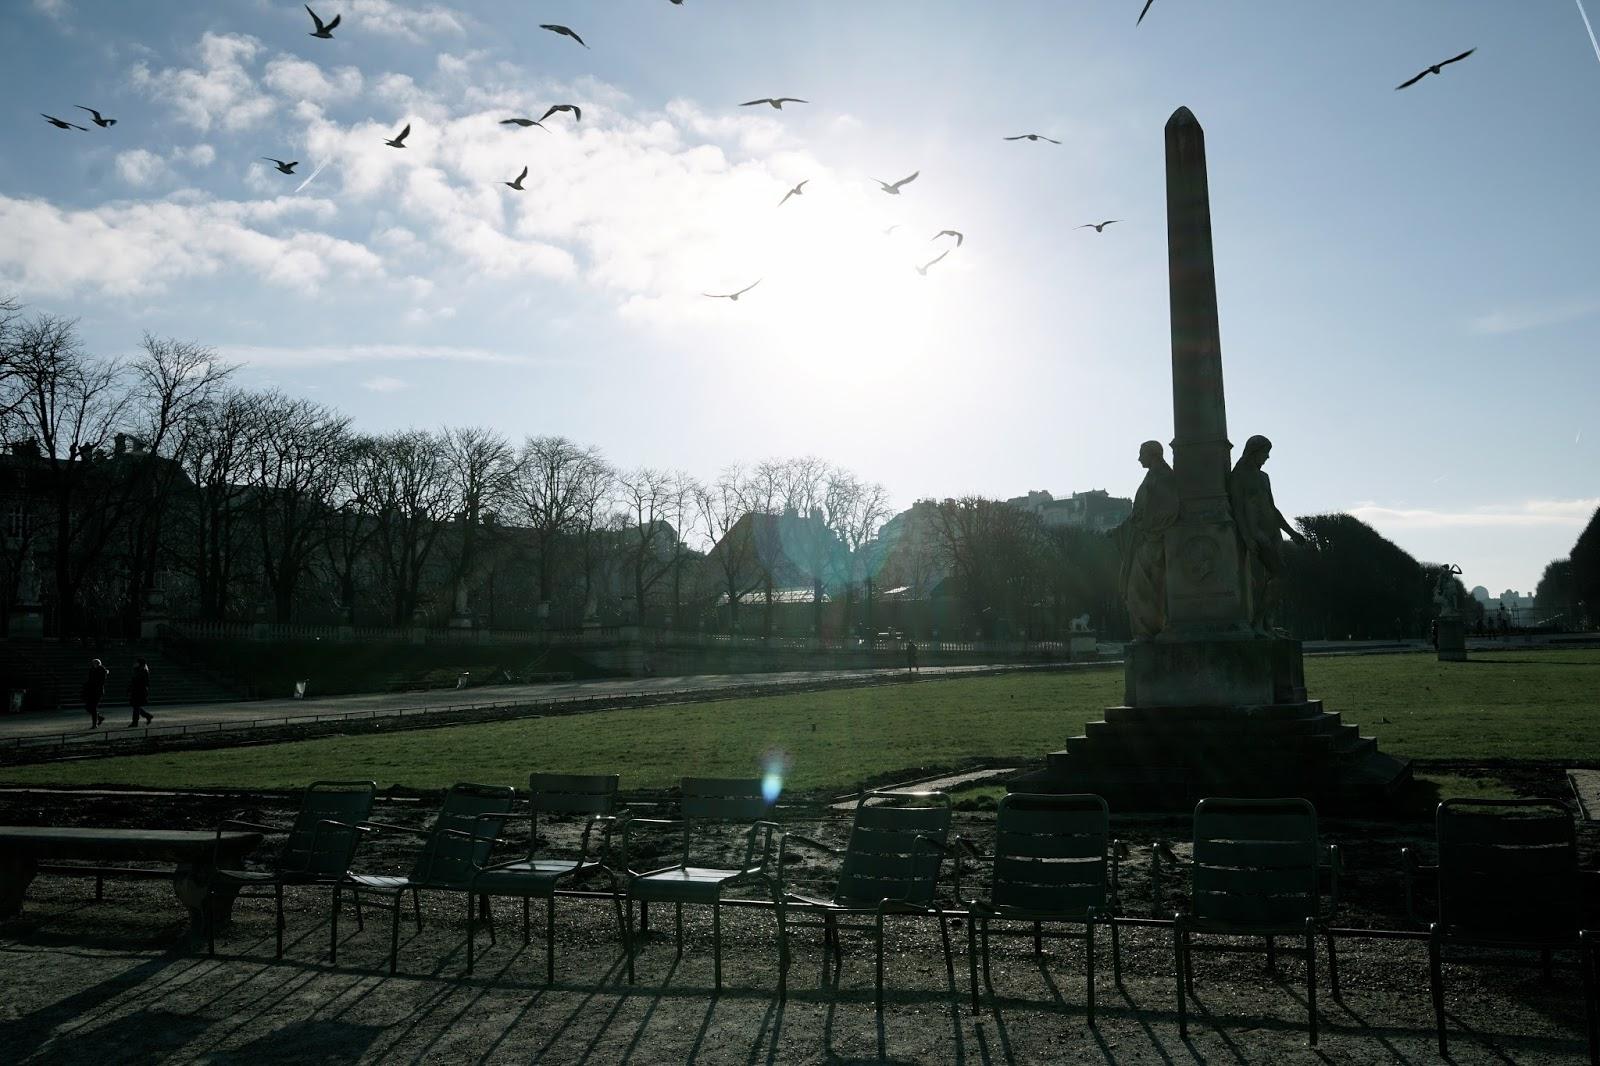 リュクサンブール公園(Jardin du Luxembourg)とリュクサンブール宮殿(Palais du Luxembourg)